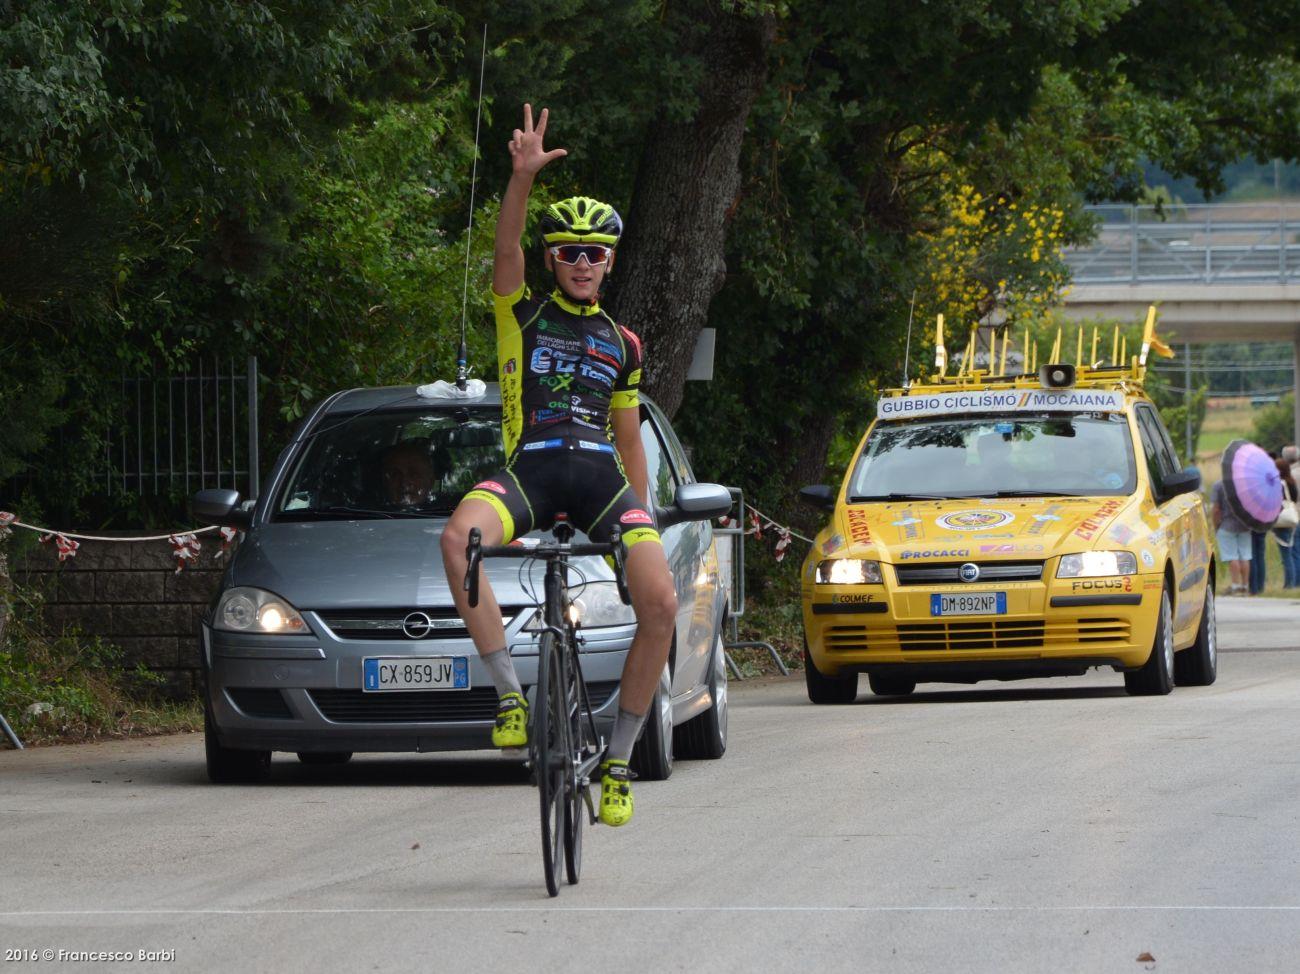 La vittoria di Luca Roberti a Mocaiana di Gubbio